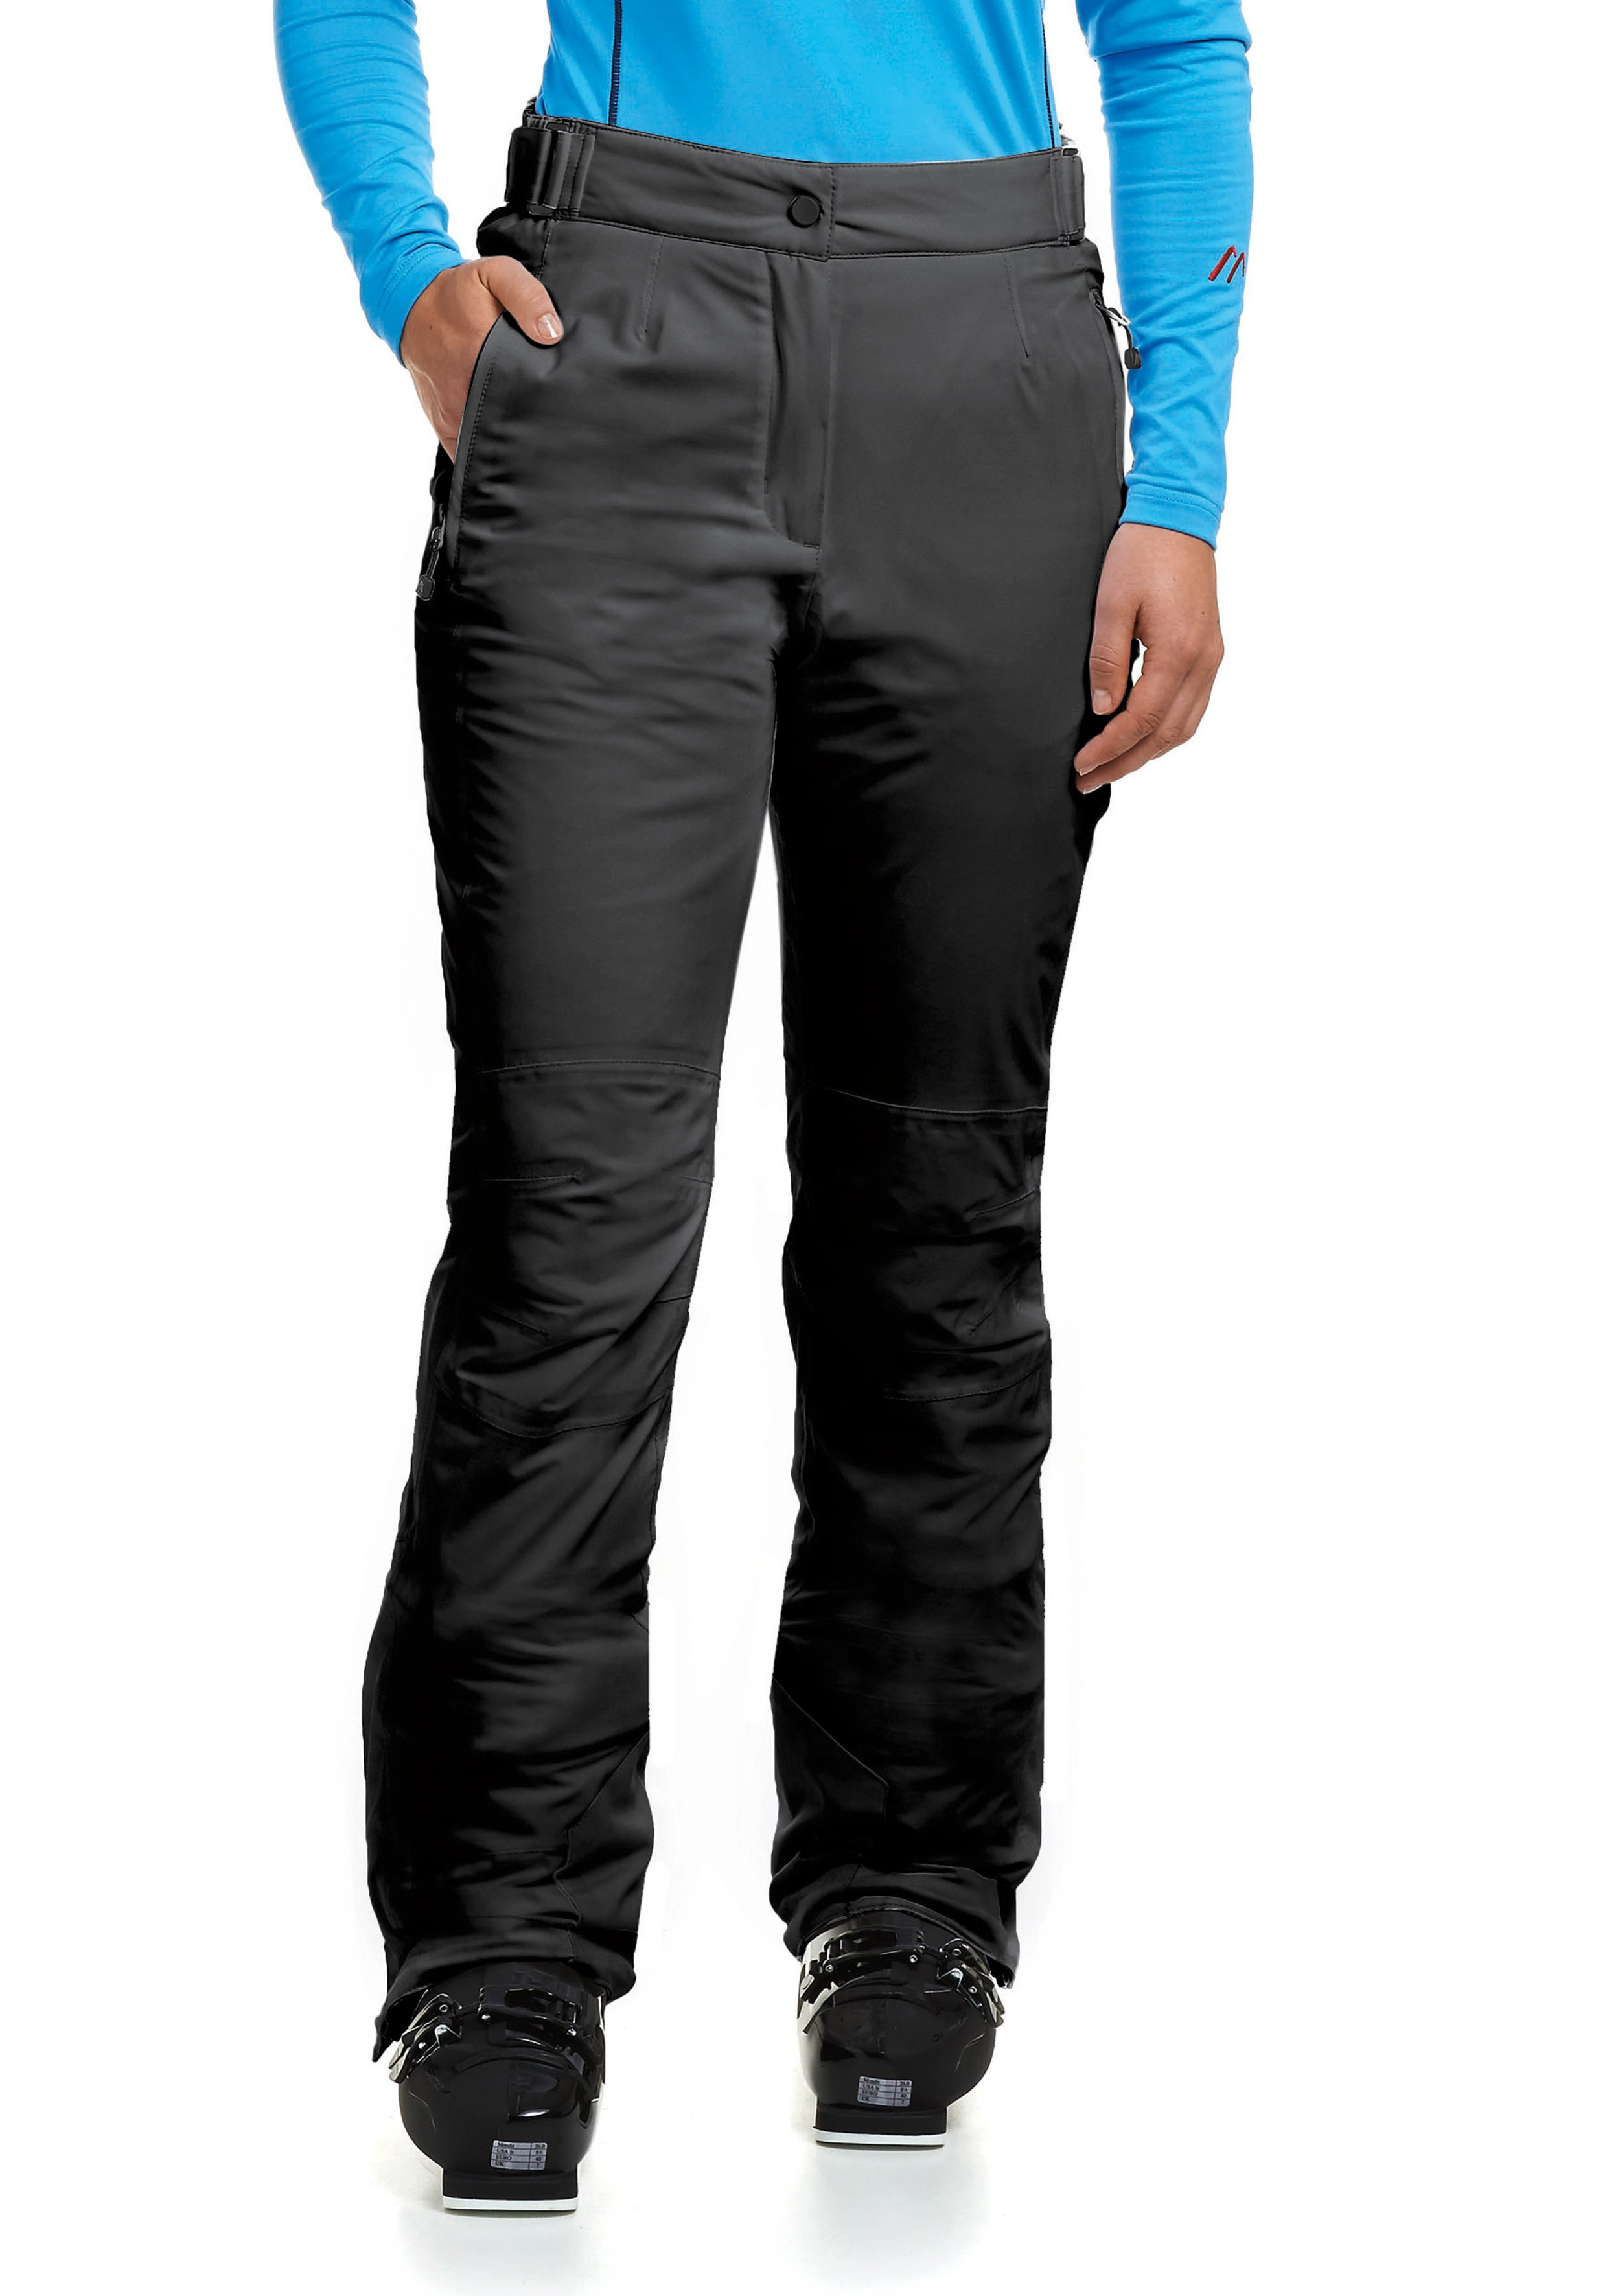 Maier Sports Skihose Vroni slim   Sportbekleidung > Sporthosen > Sonstige Sporthosen   Schwarz   Maier Sports